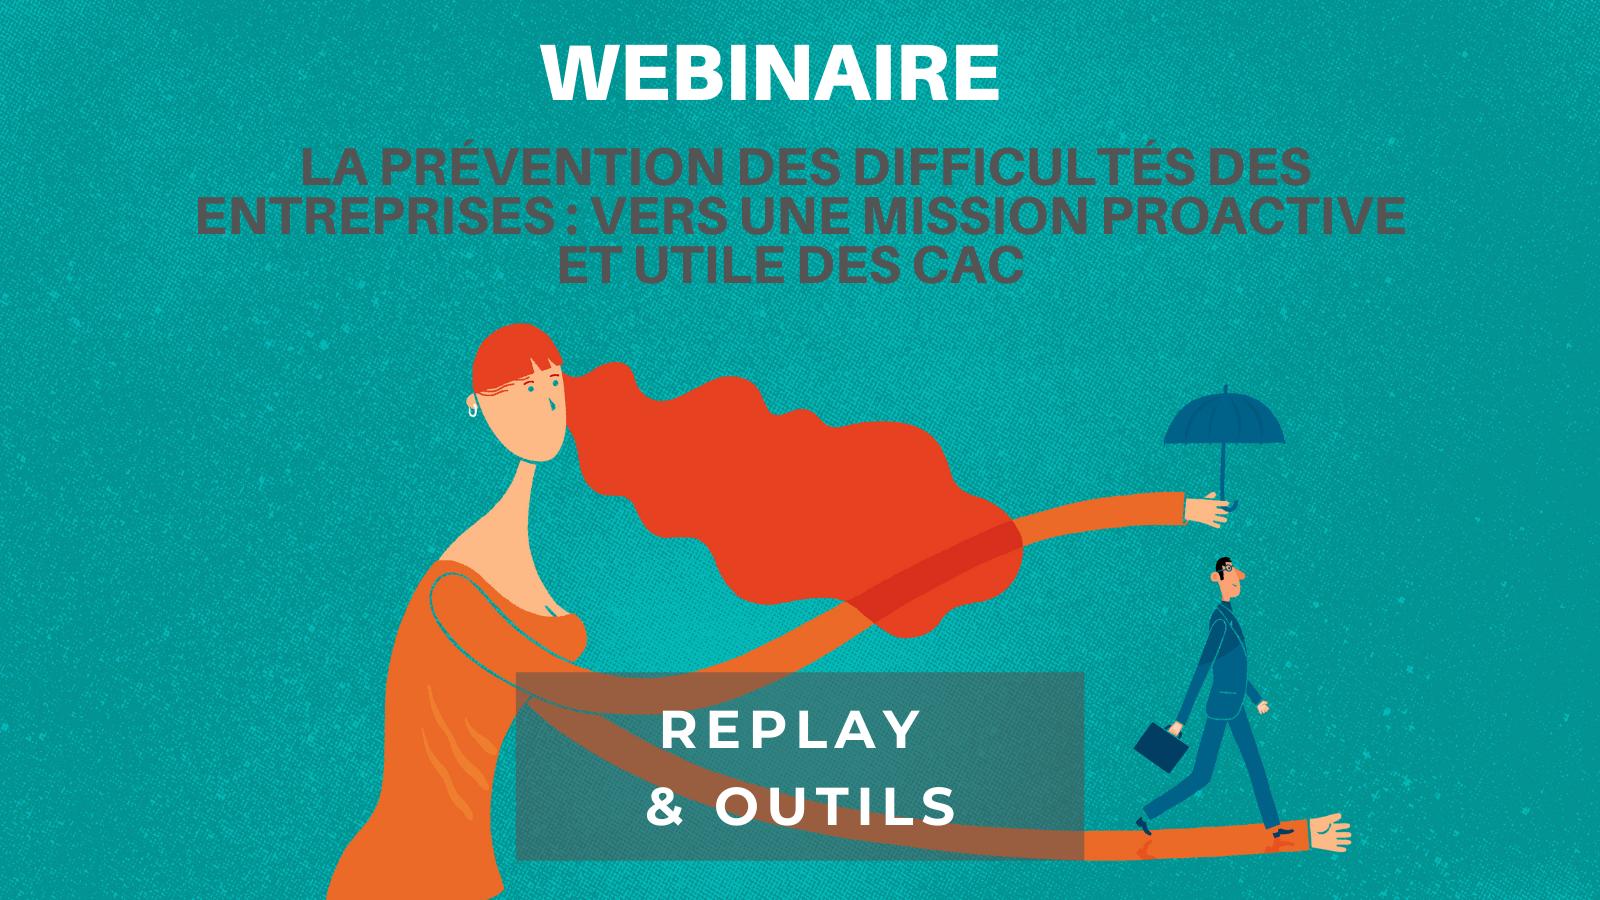 webinaire-prevention